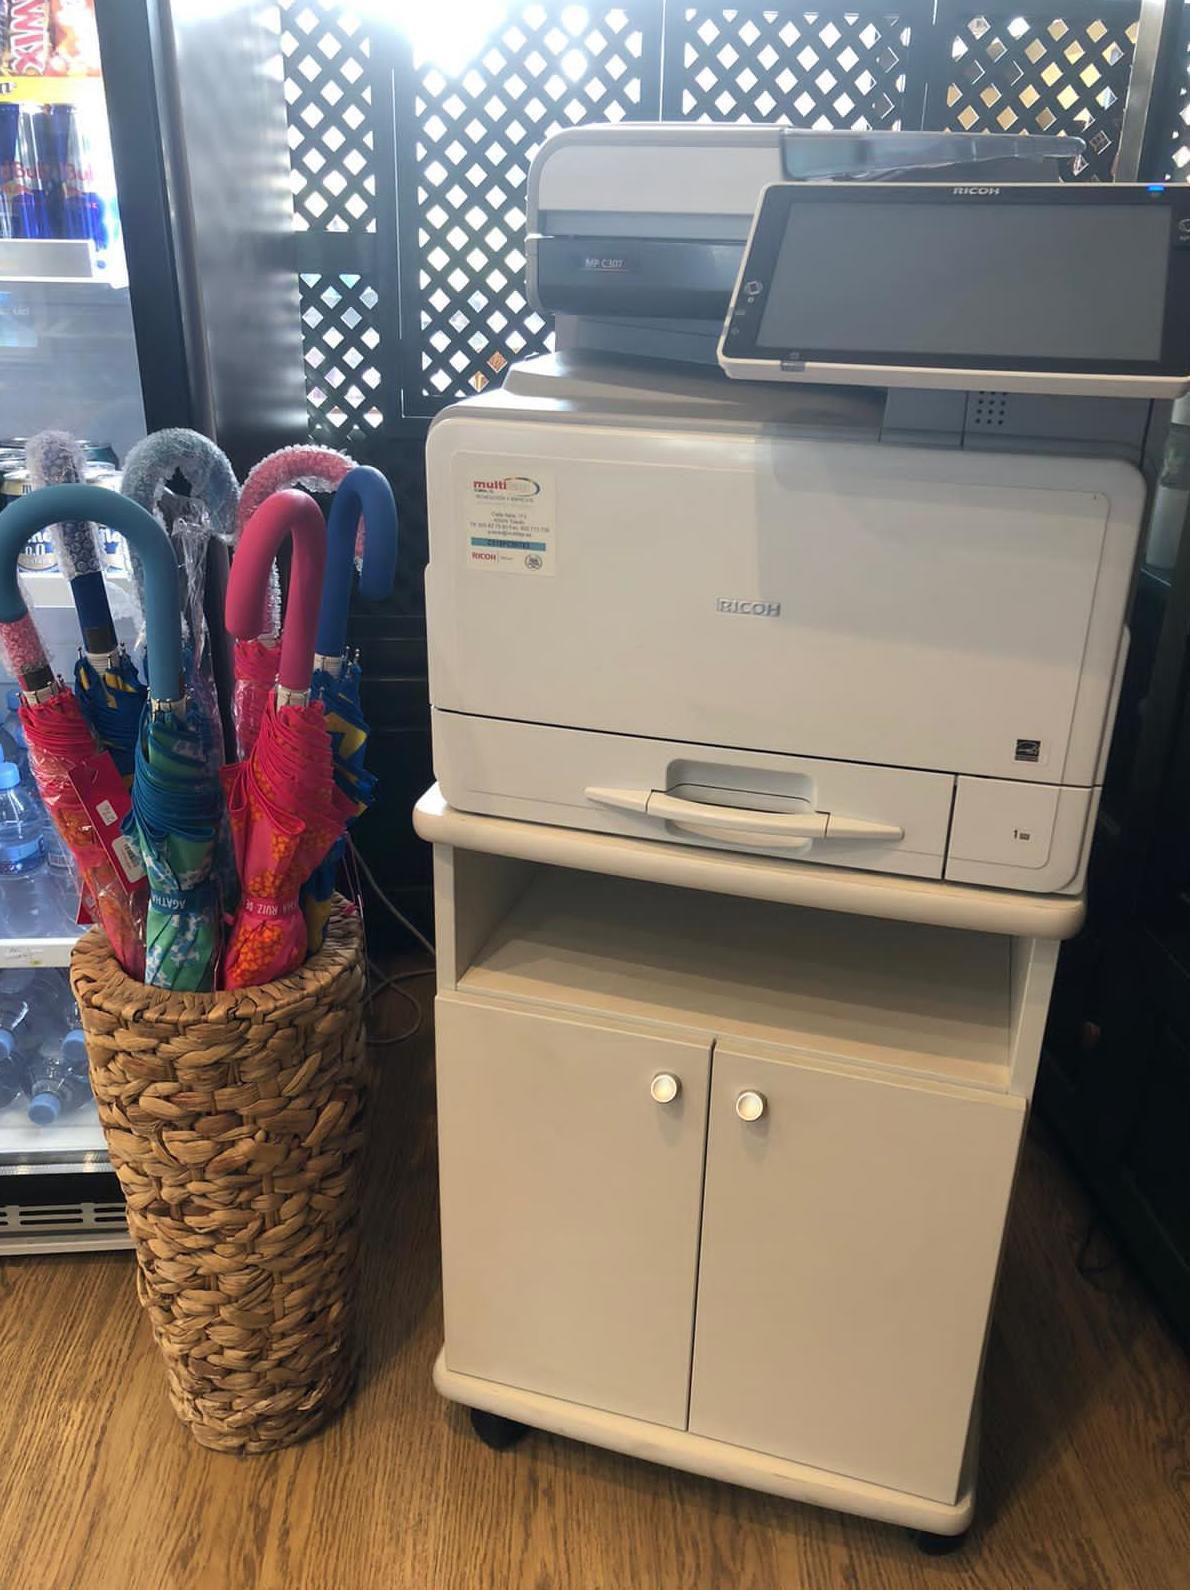 Realizamos todo tipo de fotocopias e impresión